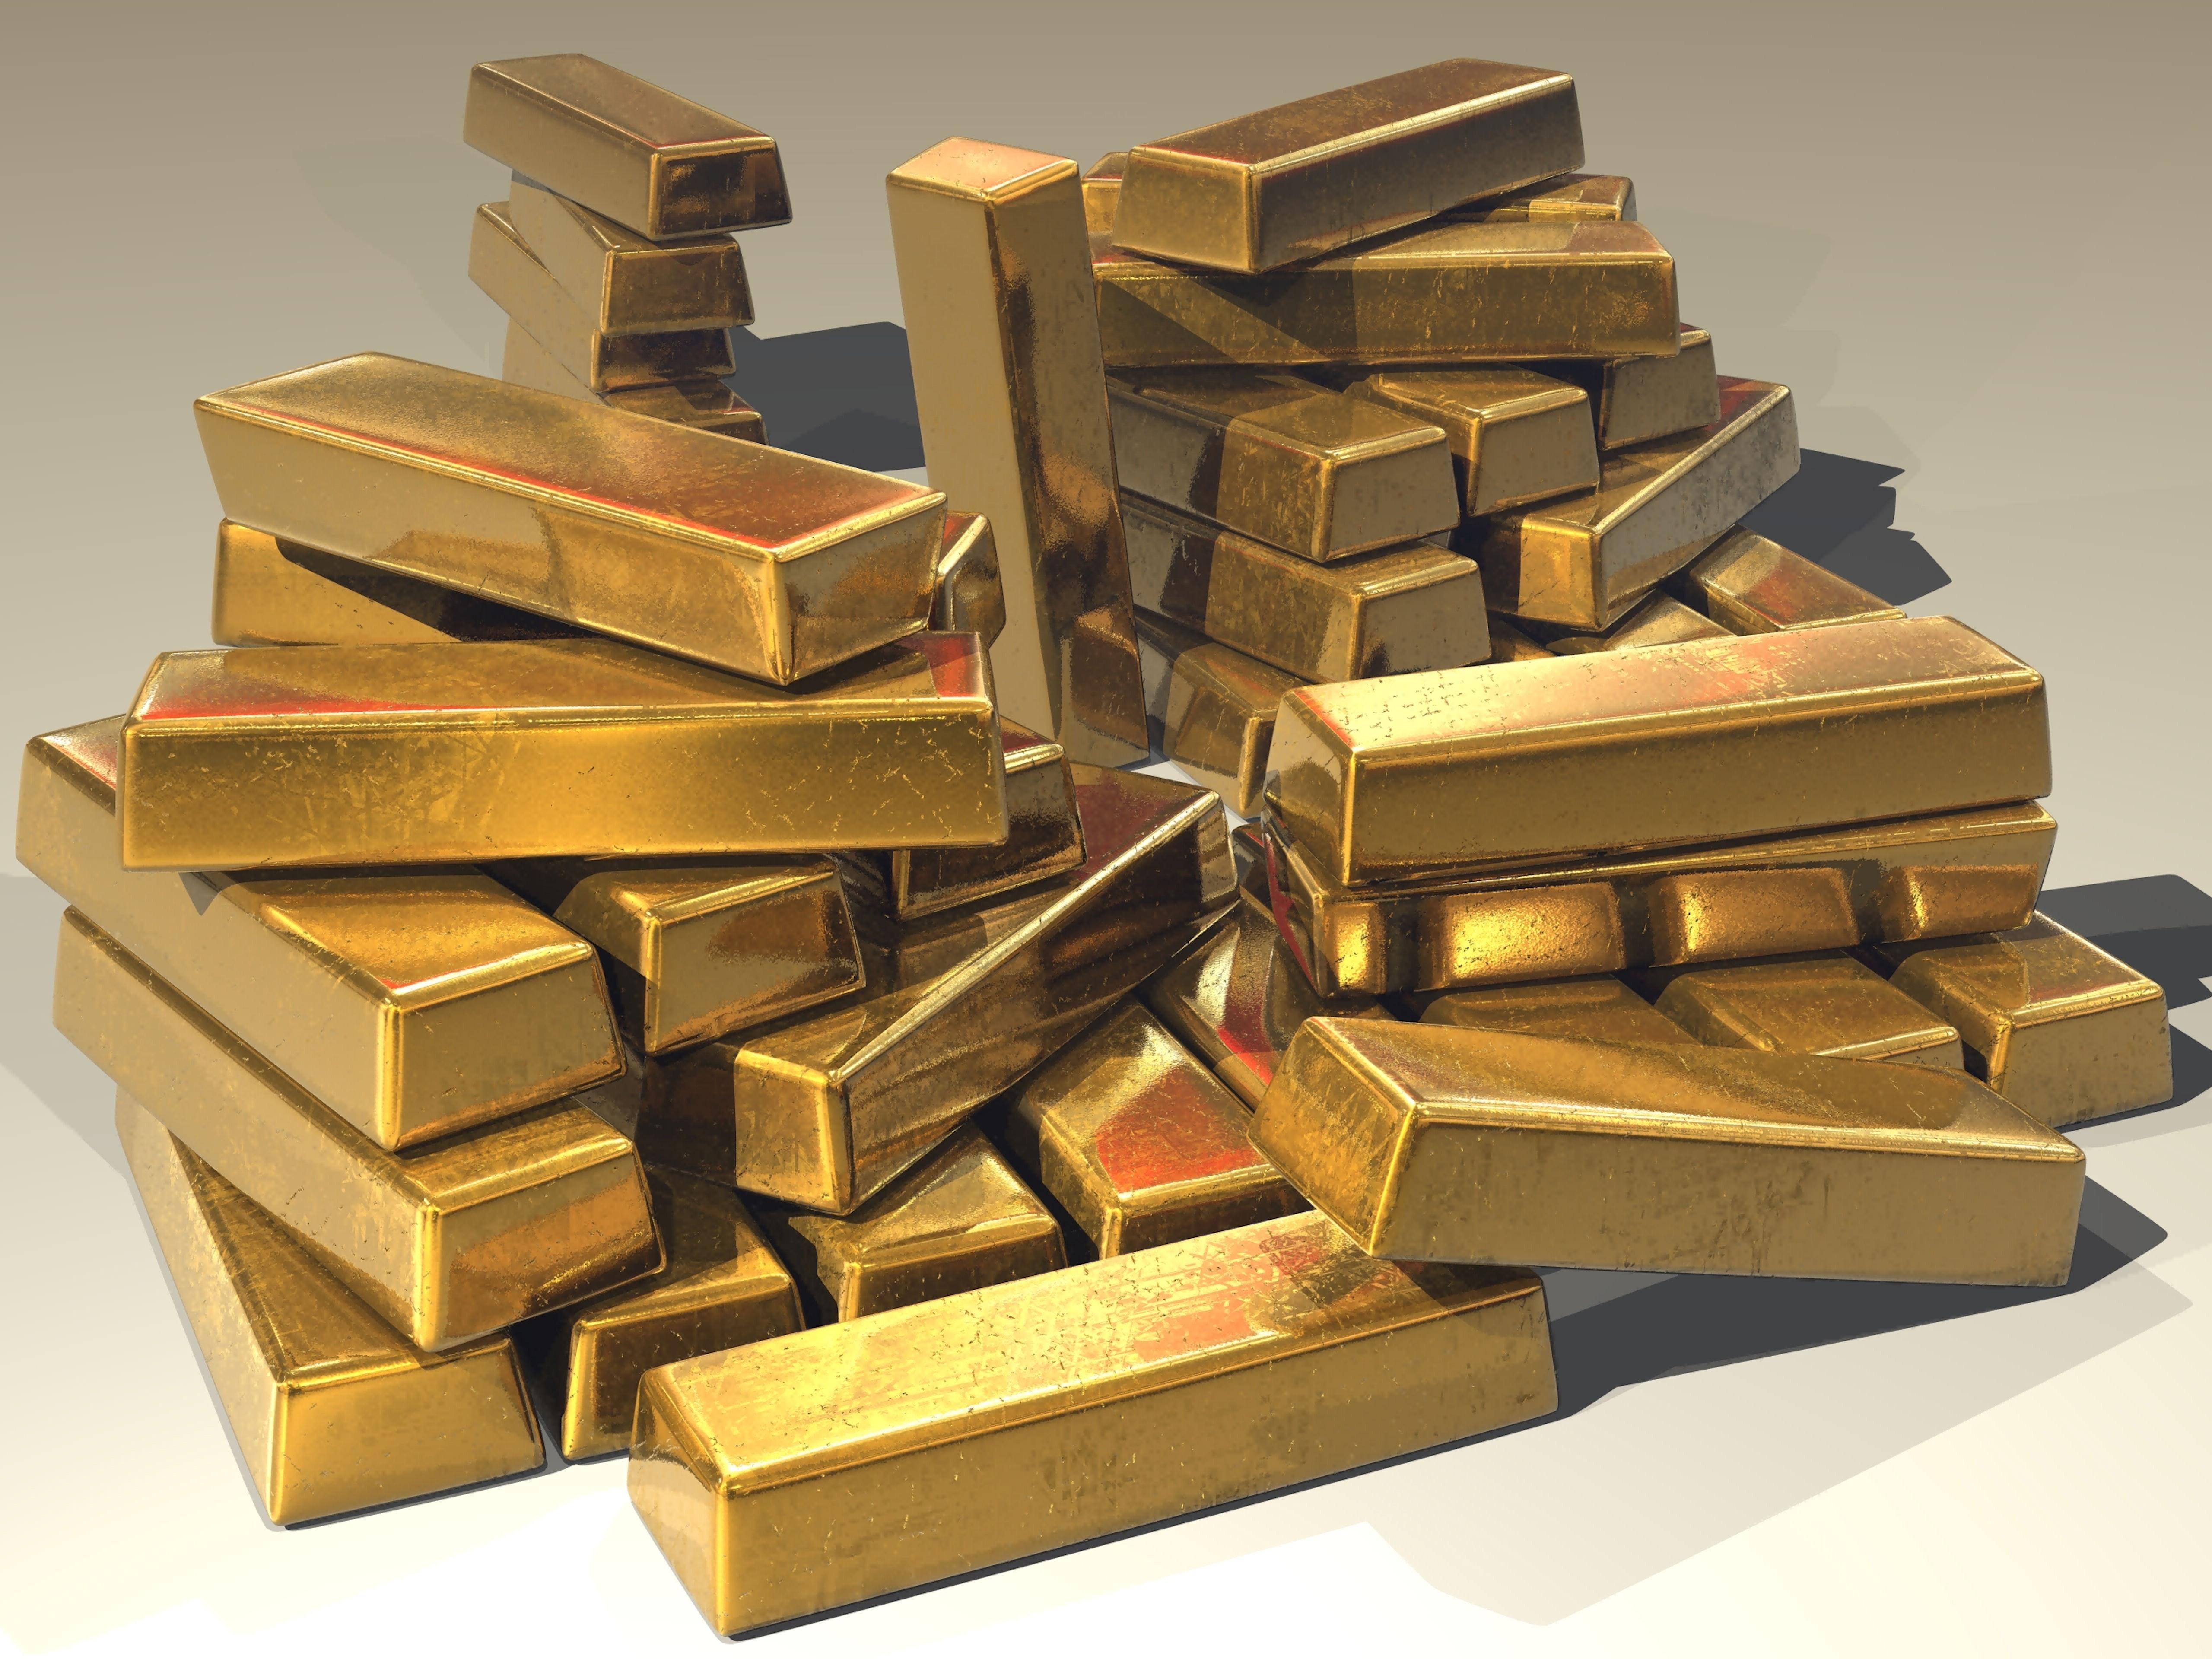 Gold unauffindbar